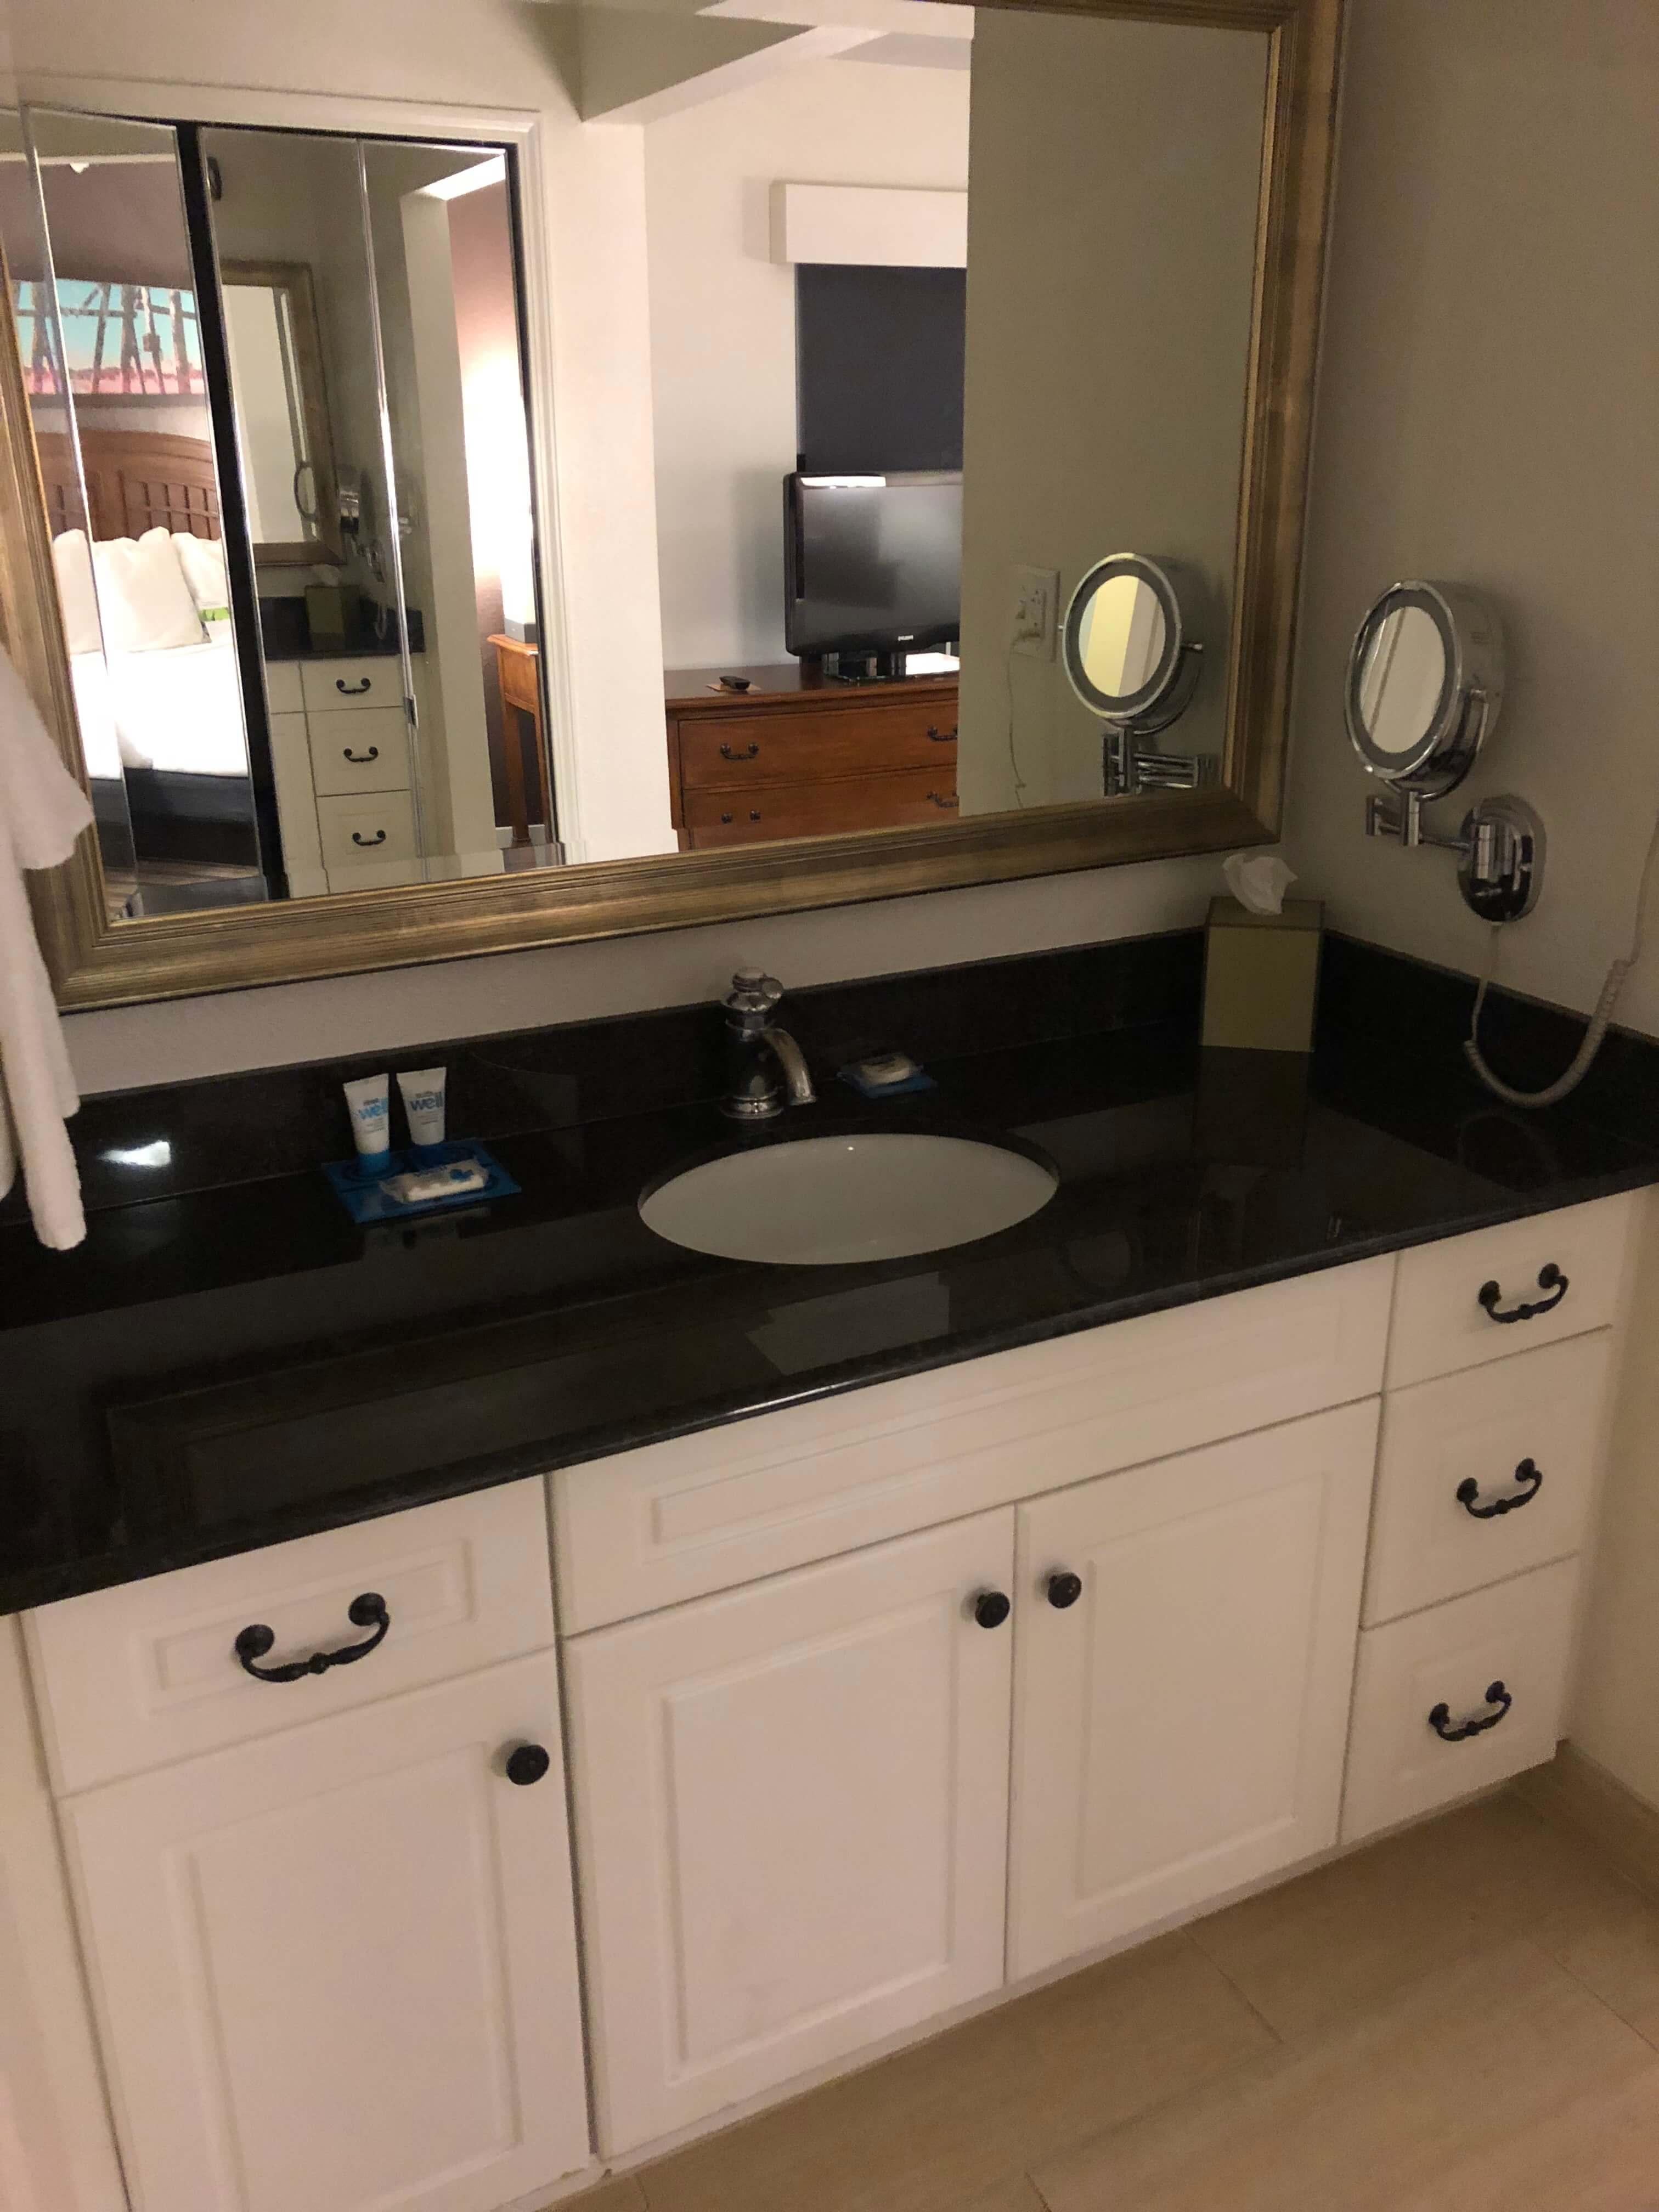 hyatt house Fishkill bathroom